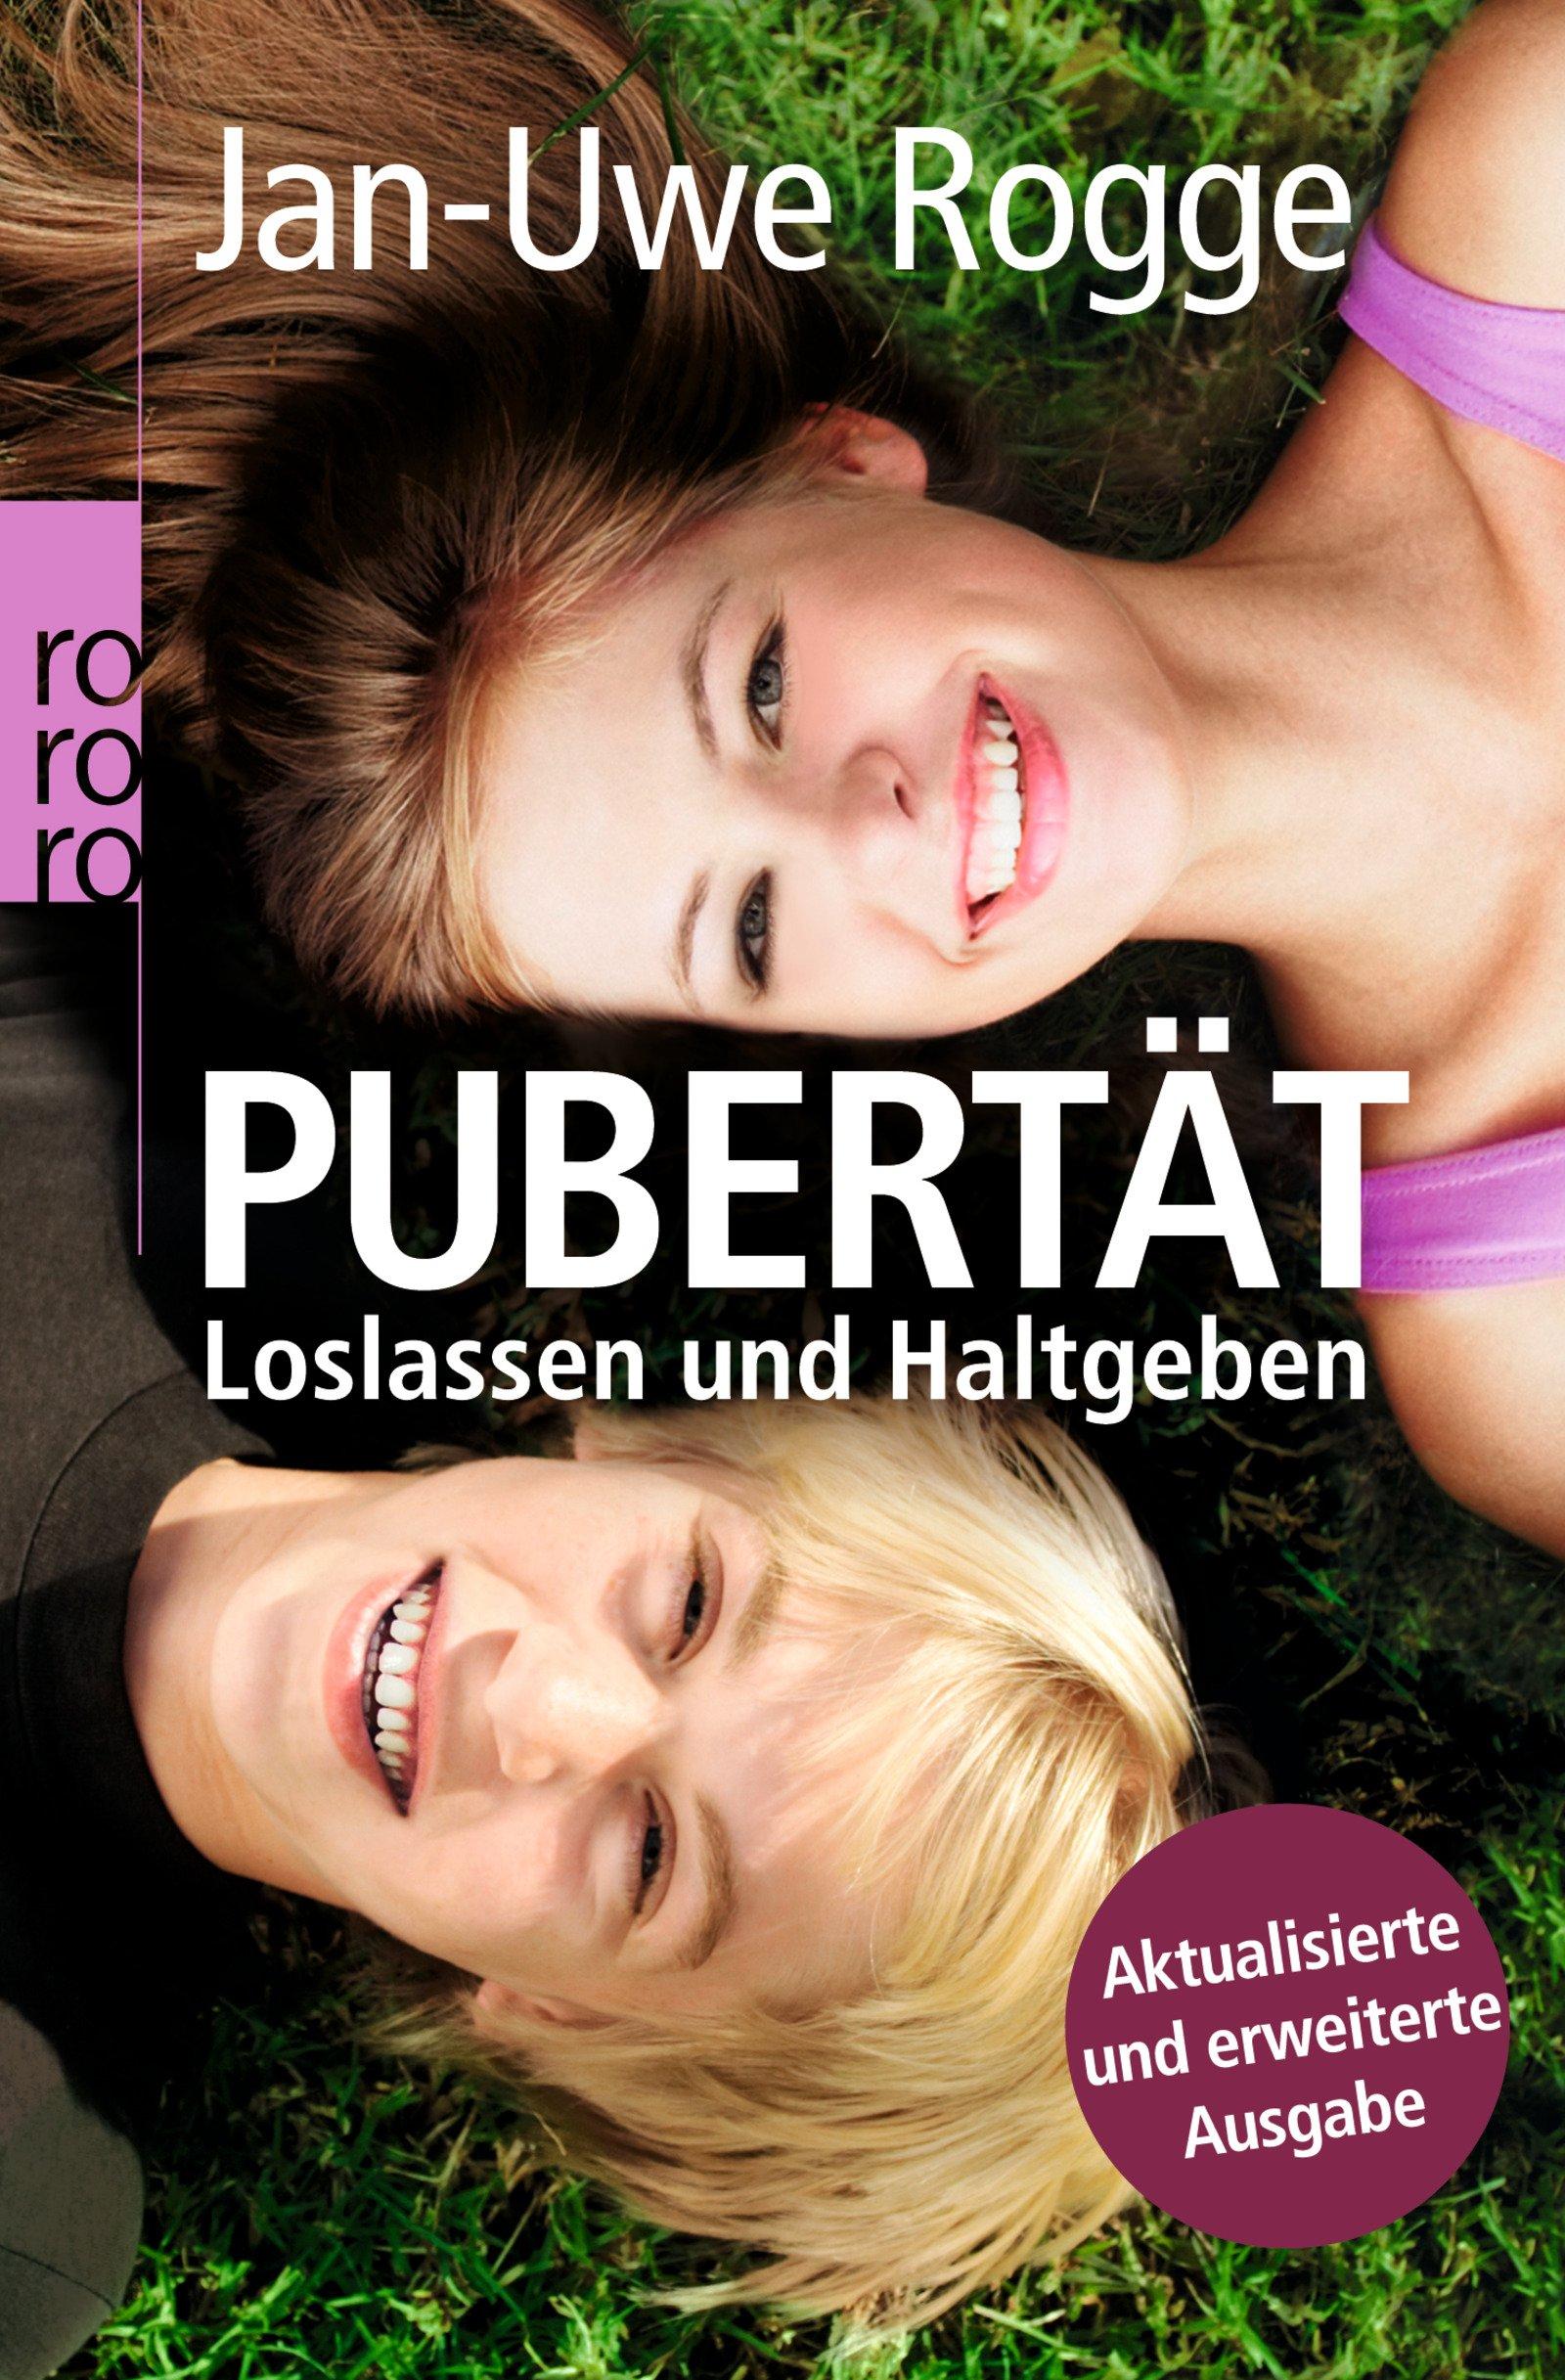 Pubertät: Loslassen und Haltgeben Taschenbuch – 1. Oktober 2010 Jan-Uwe Rogge Rowohlt Taschenbuch 3499626551 Pubertät; Elternratgeber